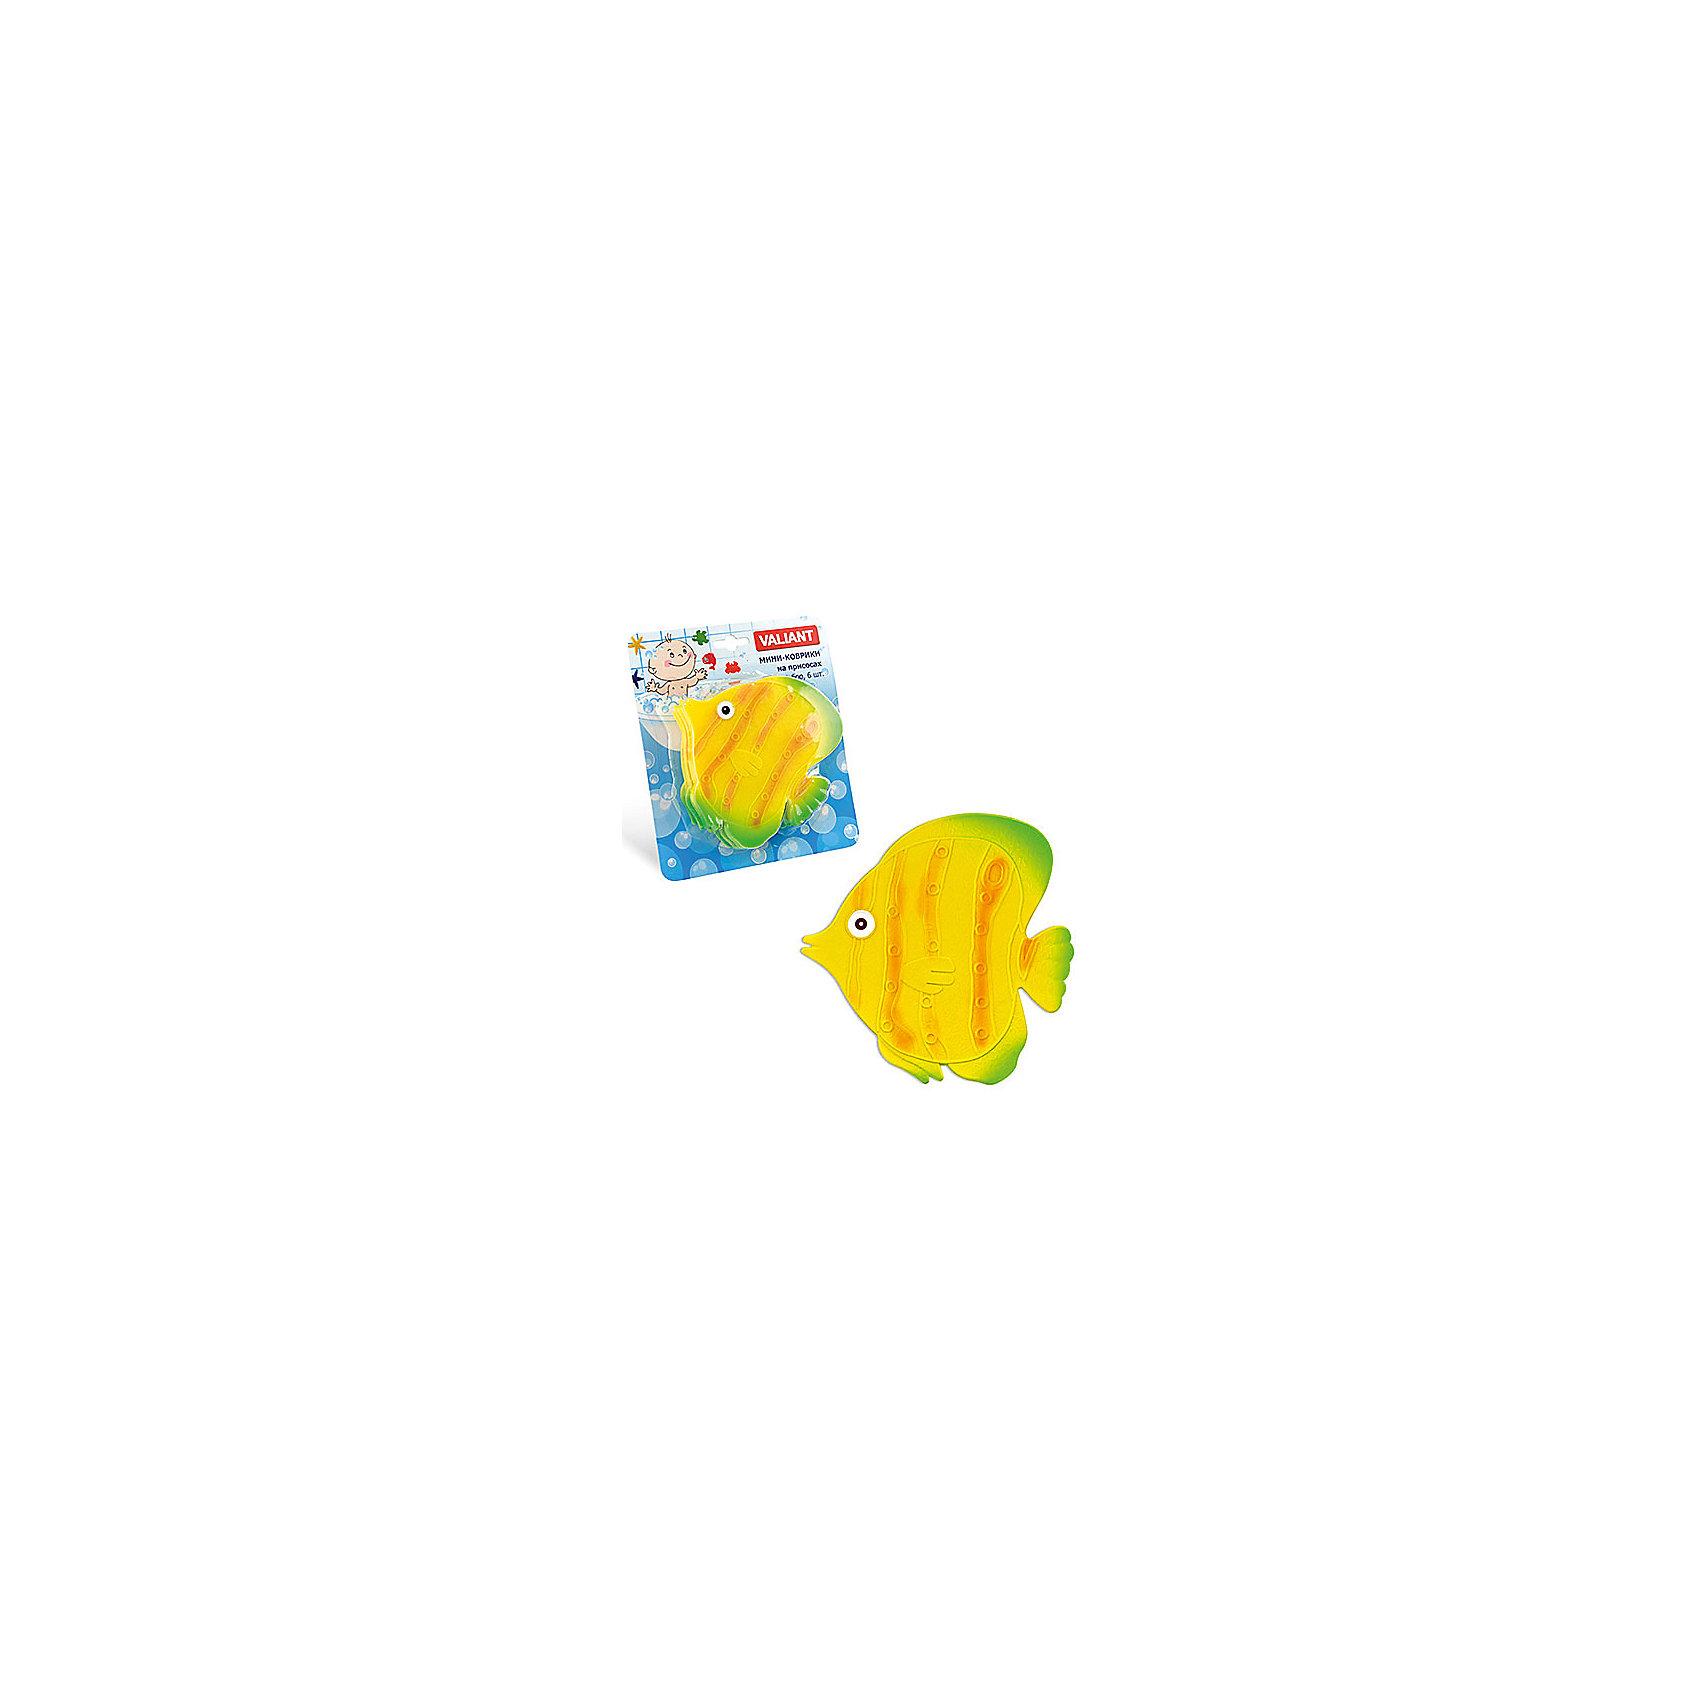 Набор ковриков Рыба на присосках (6 шт)Мини-коврики для ванной комнаты - это яркое дополнение к купанию малыша. Это и игра и развитие моторики и изучение зверушек. <br>Колоссальный и постоянно растущий спрос на них обусловлен реакцией малышей и их мам на данное изобретение по всему миру.<br>Мини-коврики снабжены присосками и превосходно клеятся на влажный кафель.<br><br>Ширина мм: 130<br>Глубина мм: 140<br>Высота мм: 50<br>Вес г: 198<br>Возраст от месяцев: -2147483648<br>Возраст до месяцев: 2147483647<br>Пол: Унисекс<br>Возраст: Детский<br>SKU: 4563315